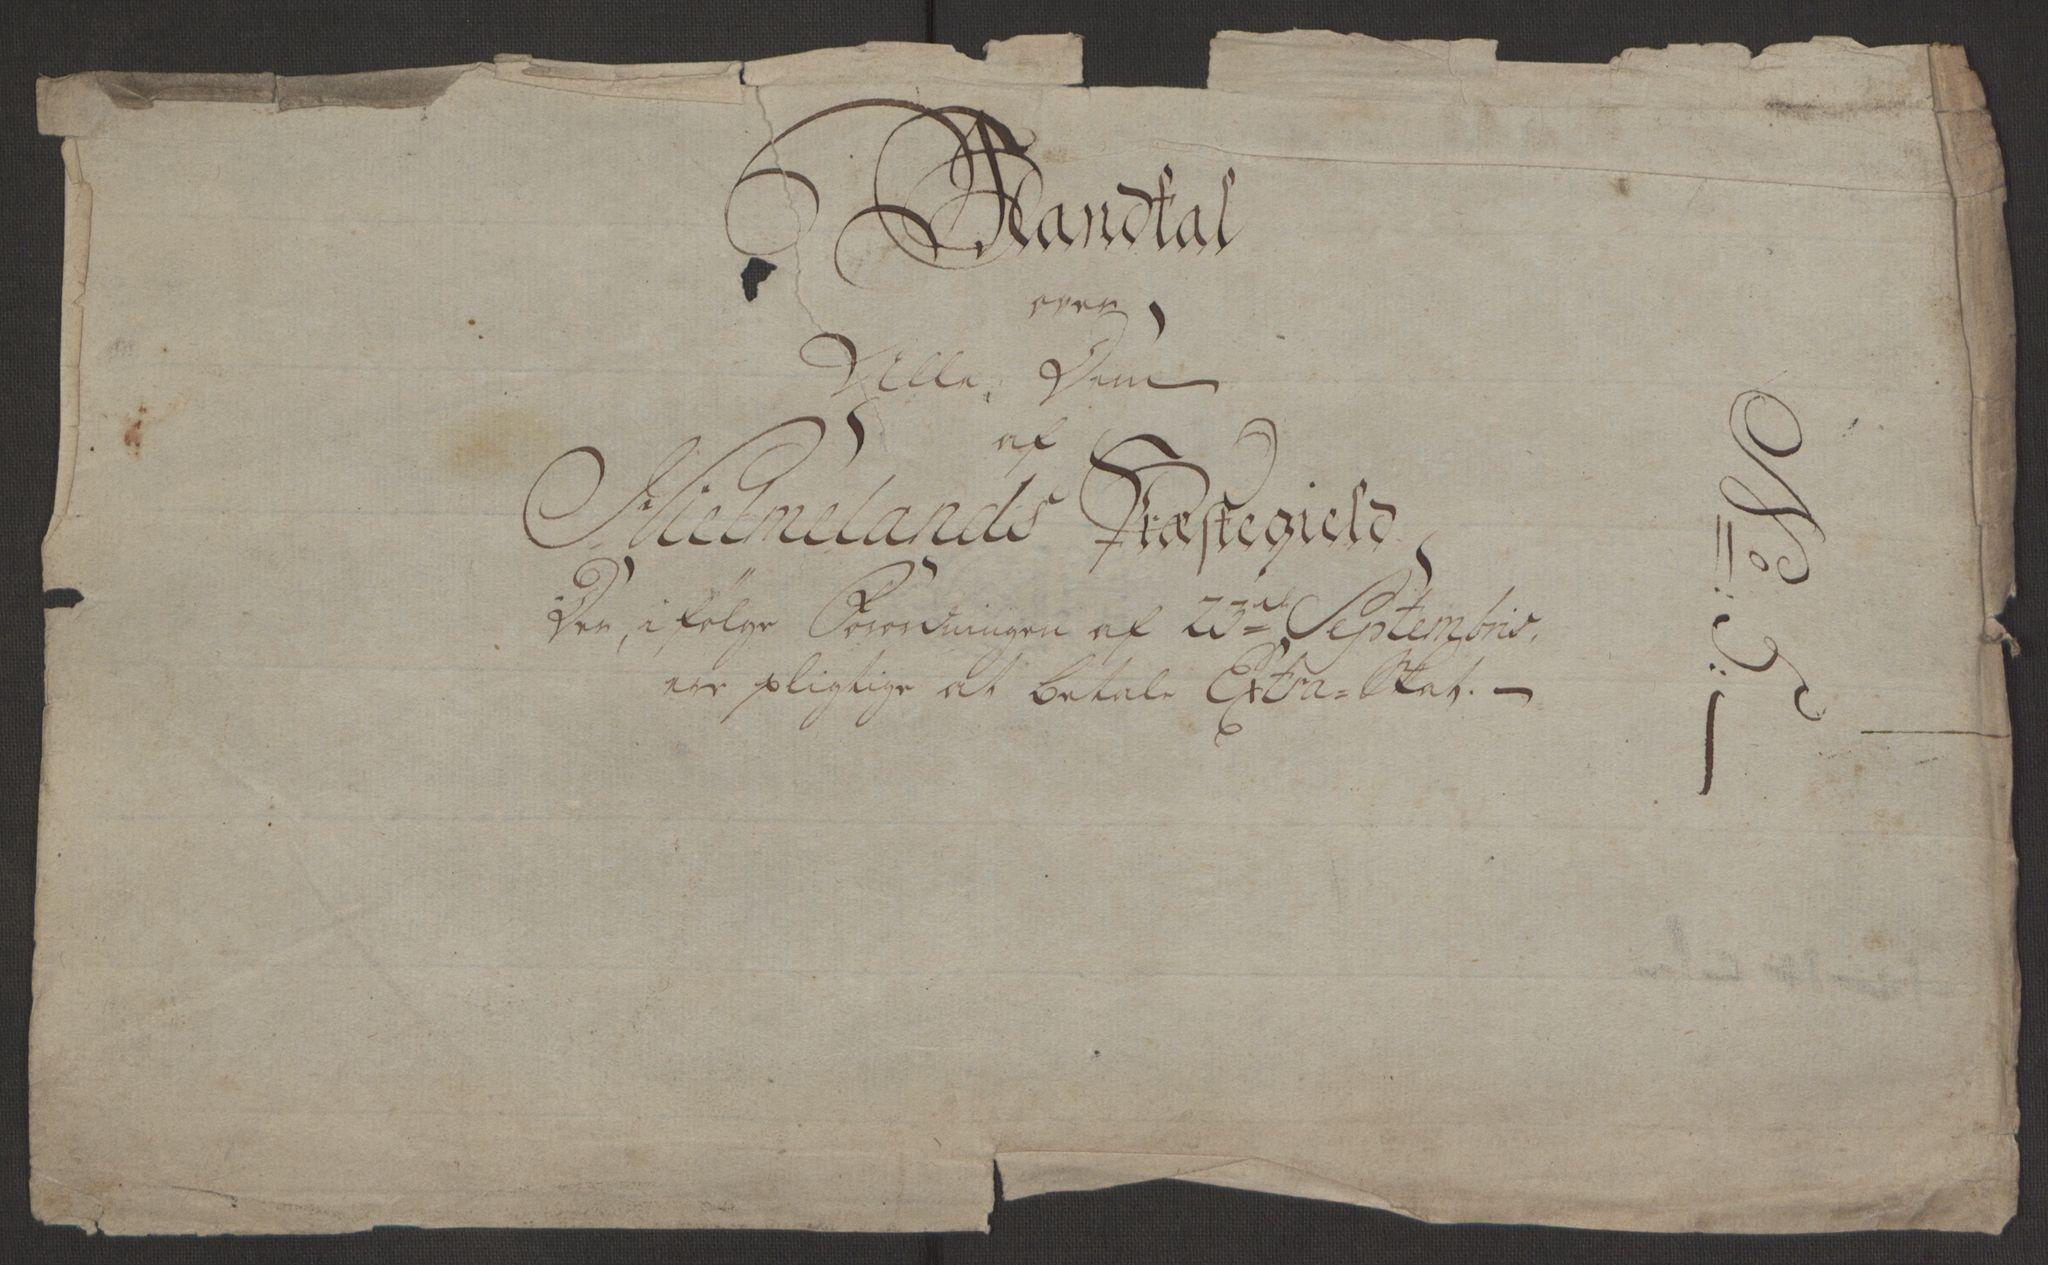 RA, Rentekammeret inntil 1814, Reviderte regnskaper, Hovedkasseregnskaper, Rf/L0072b: Ekstraskatteregnskap, 1762, s. 269